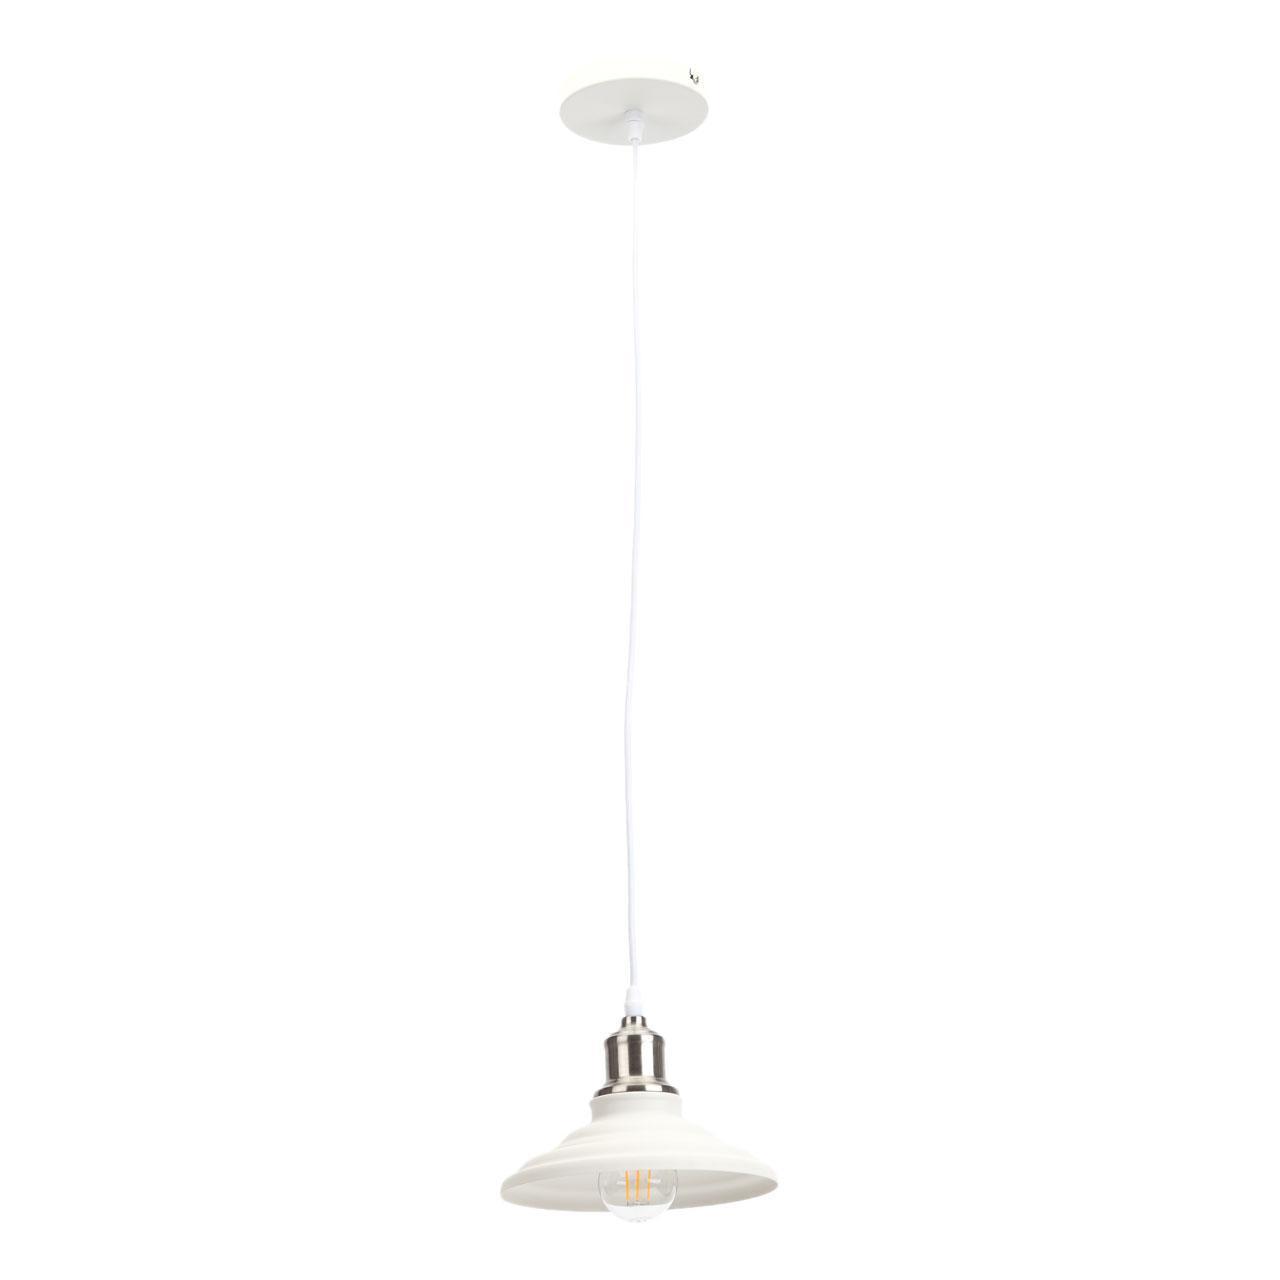 Подвесной светильник Эра PL4 WH/SN, E27, 60 Вт цены